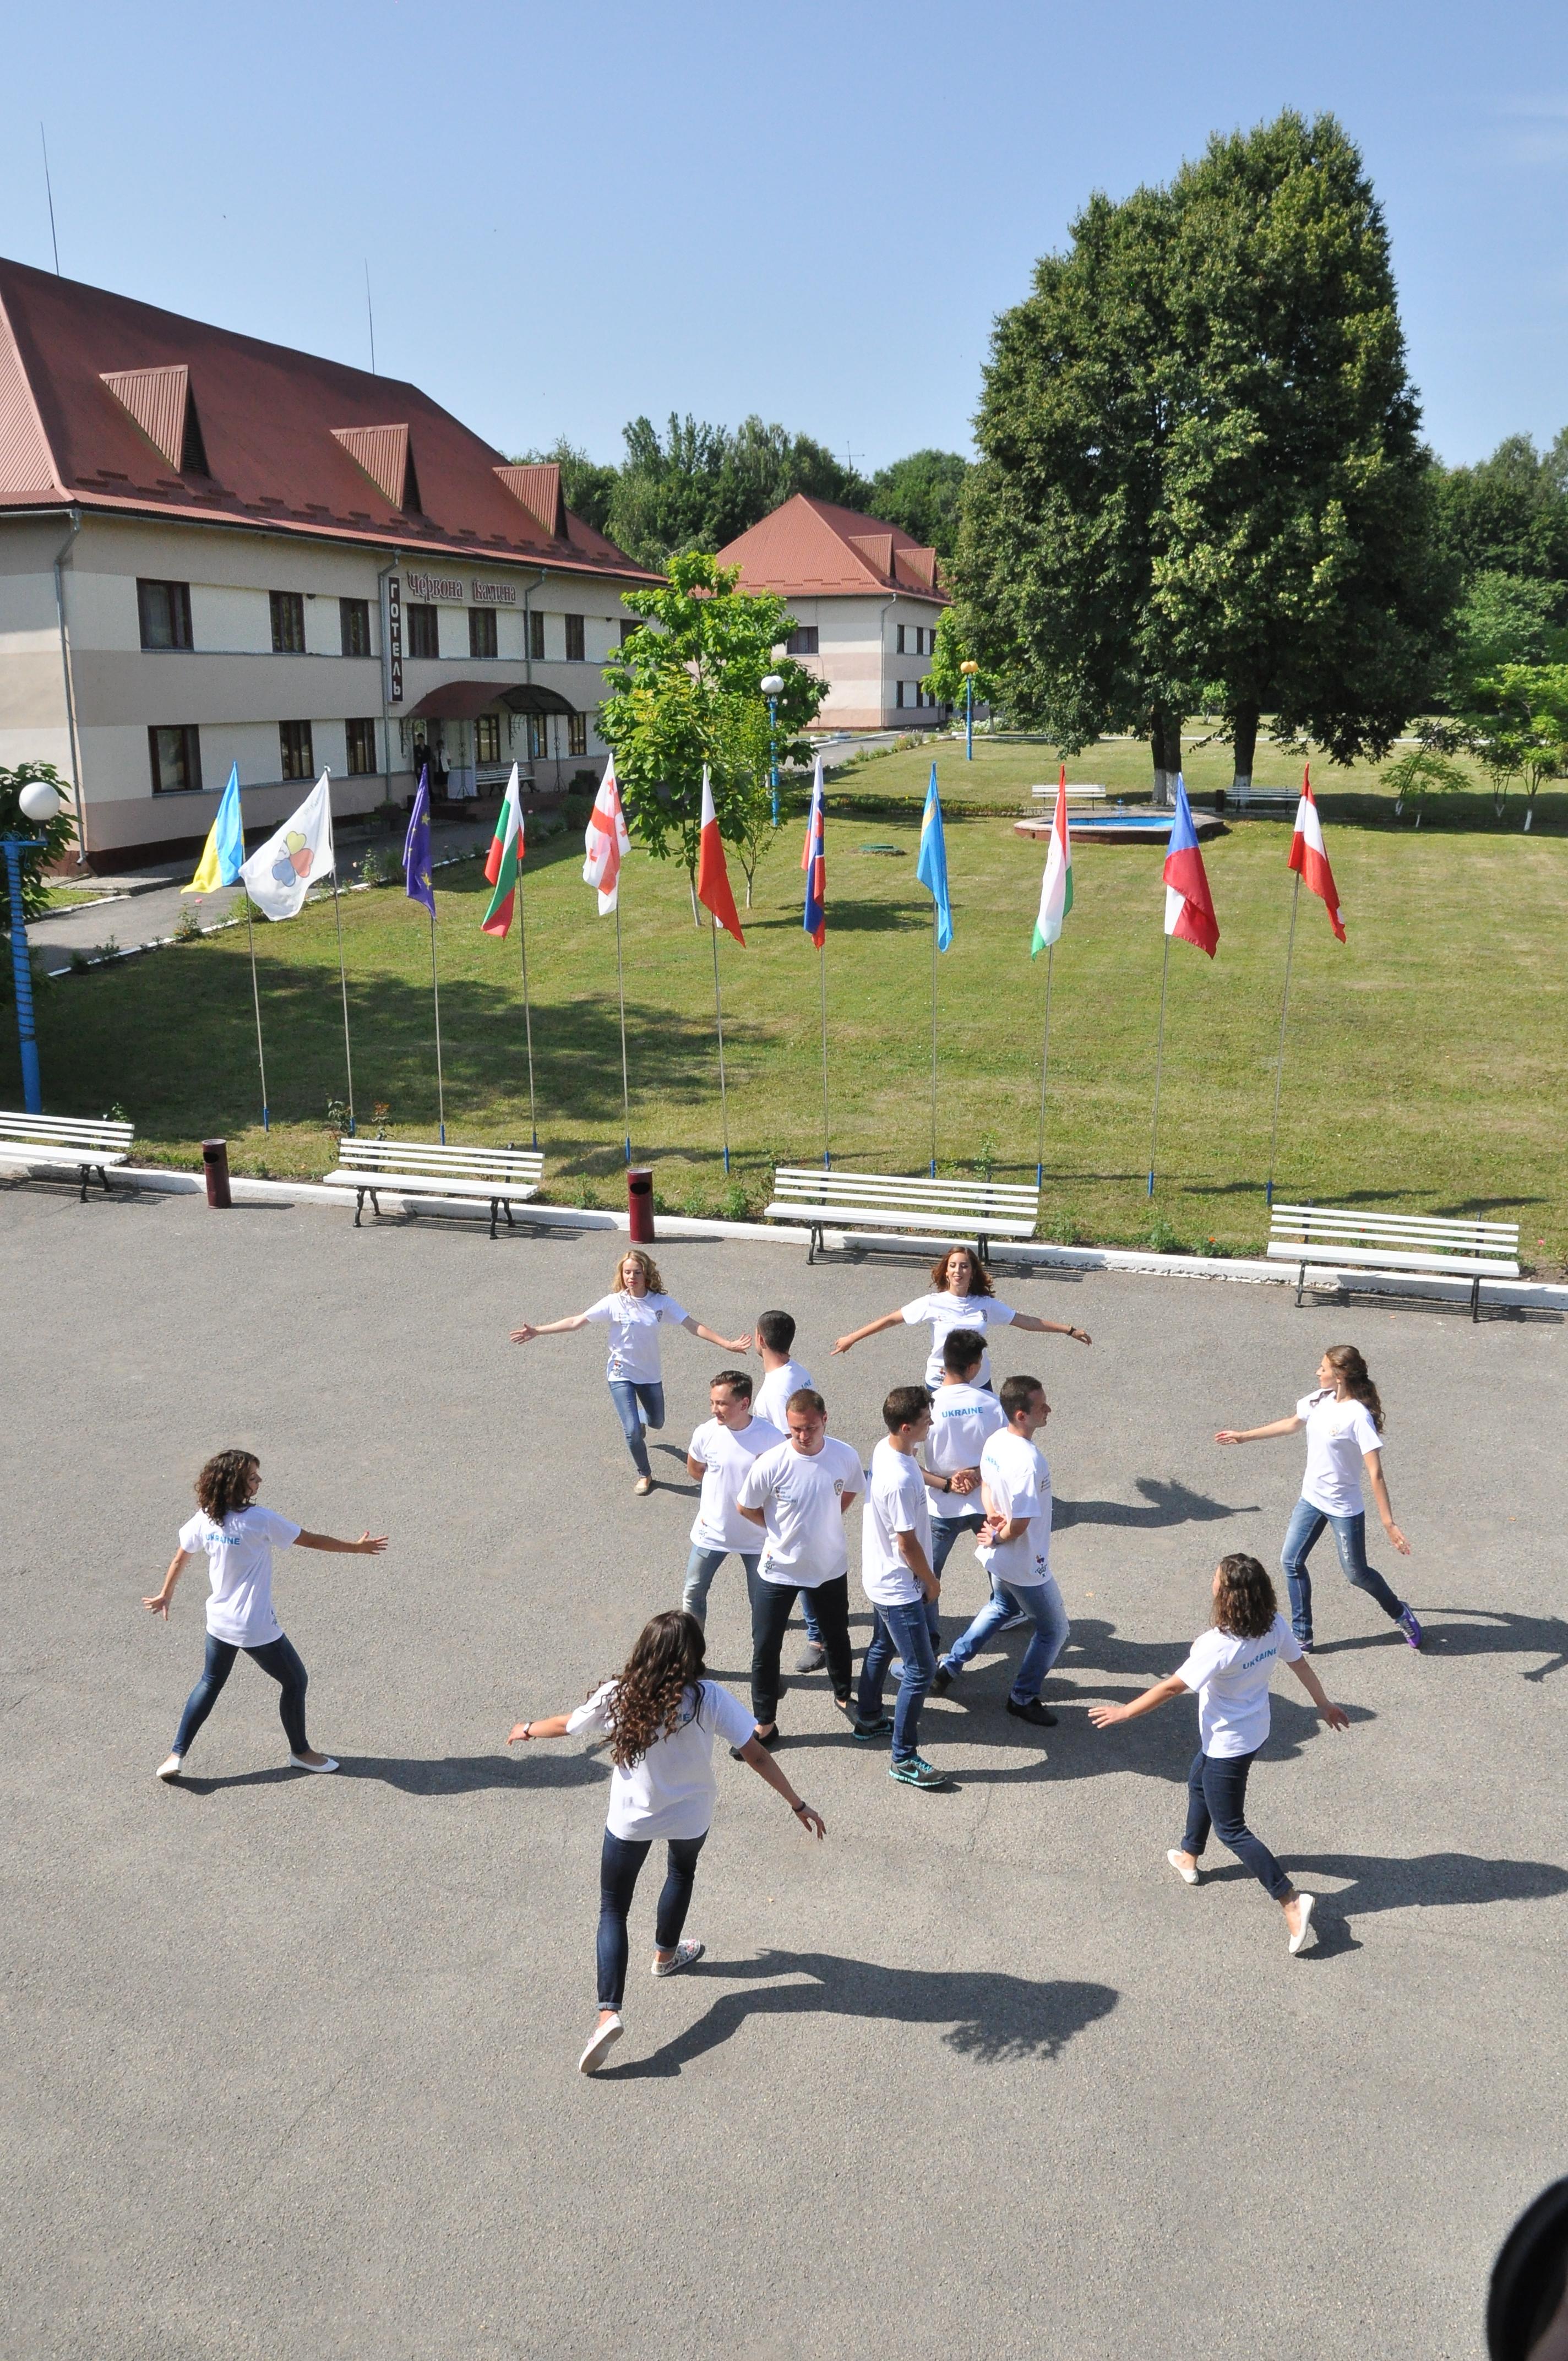 Litni-shkoly-15077241